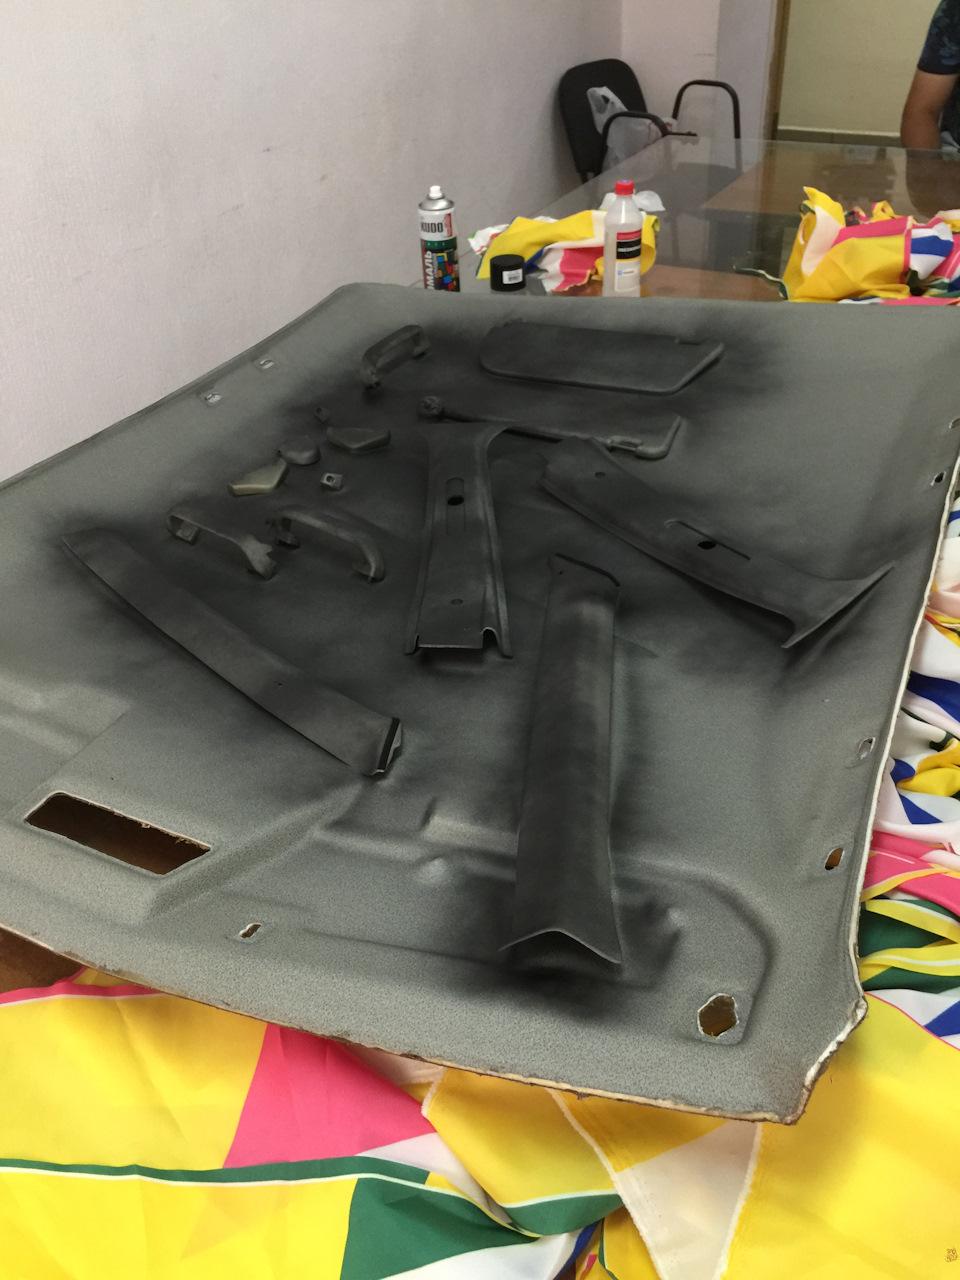 6daacees 960 - Чем можно покрасить потолок в машине